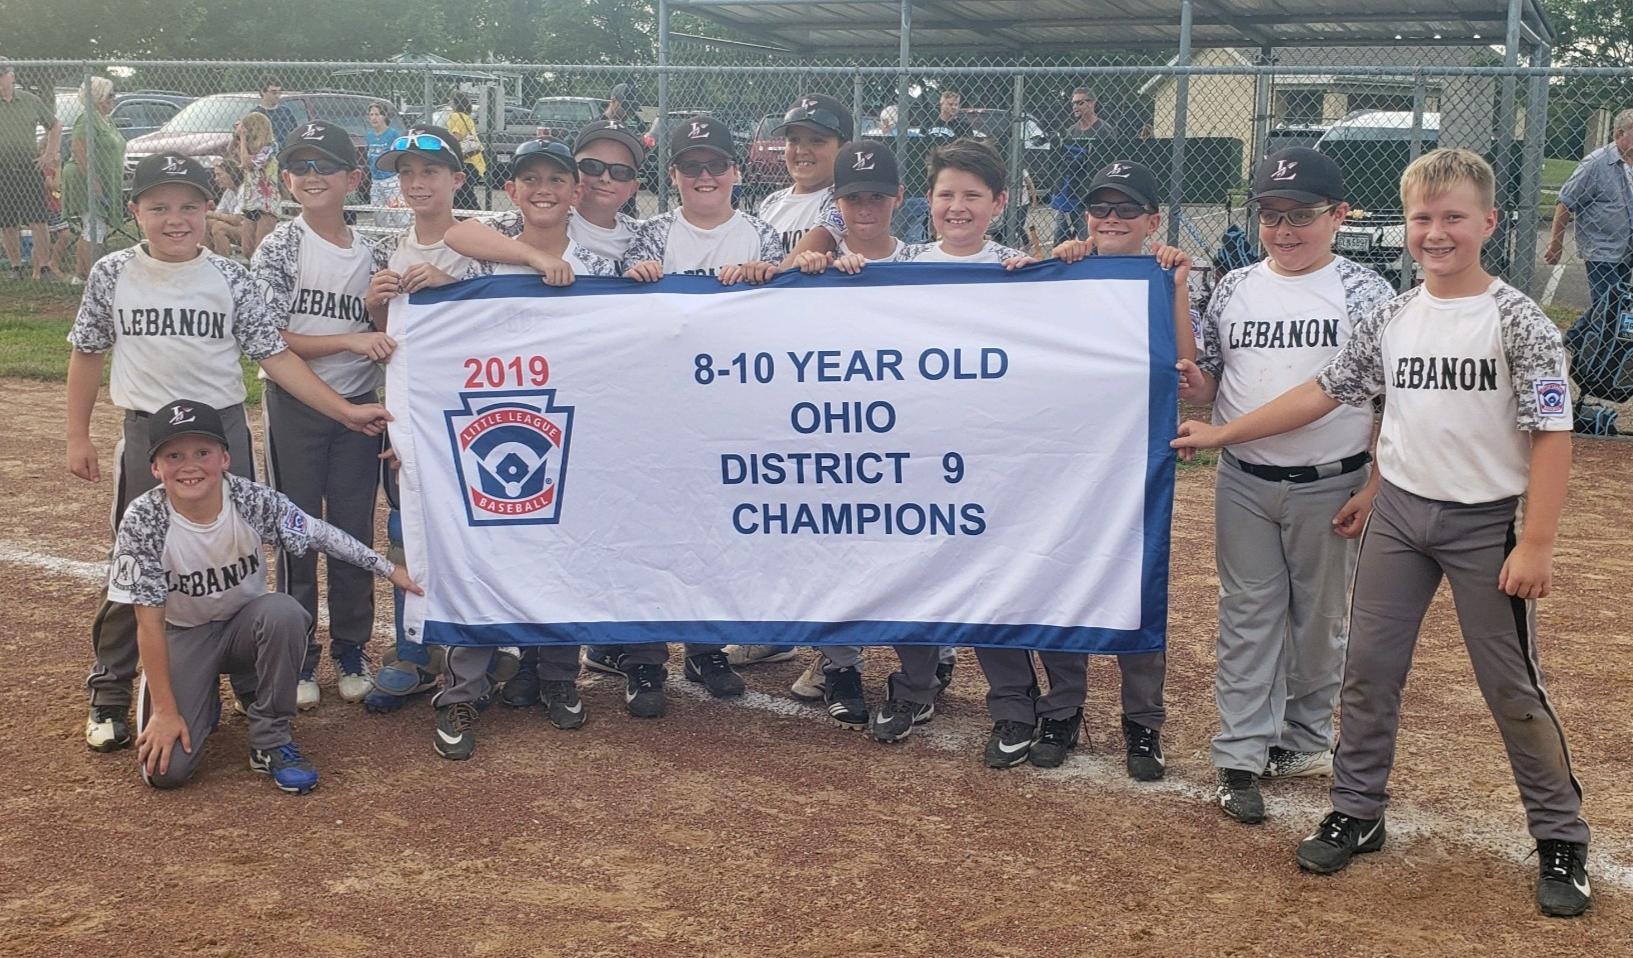 District 9 Little League